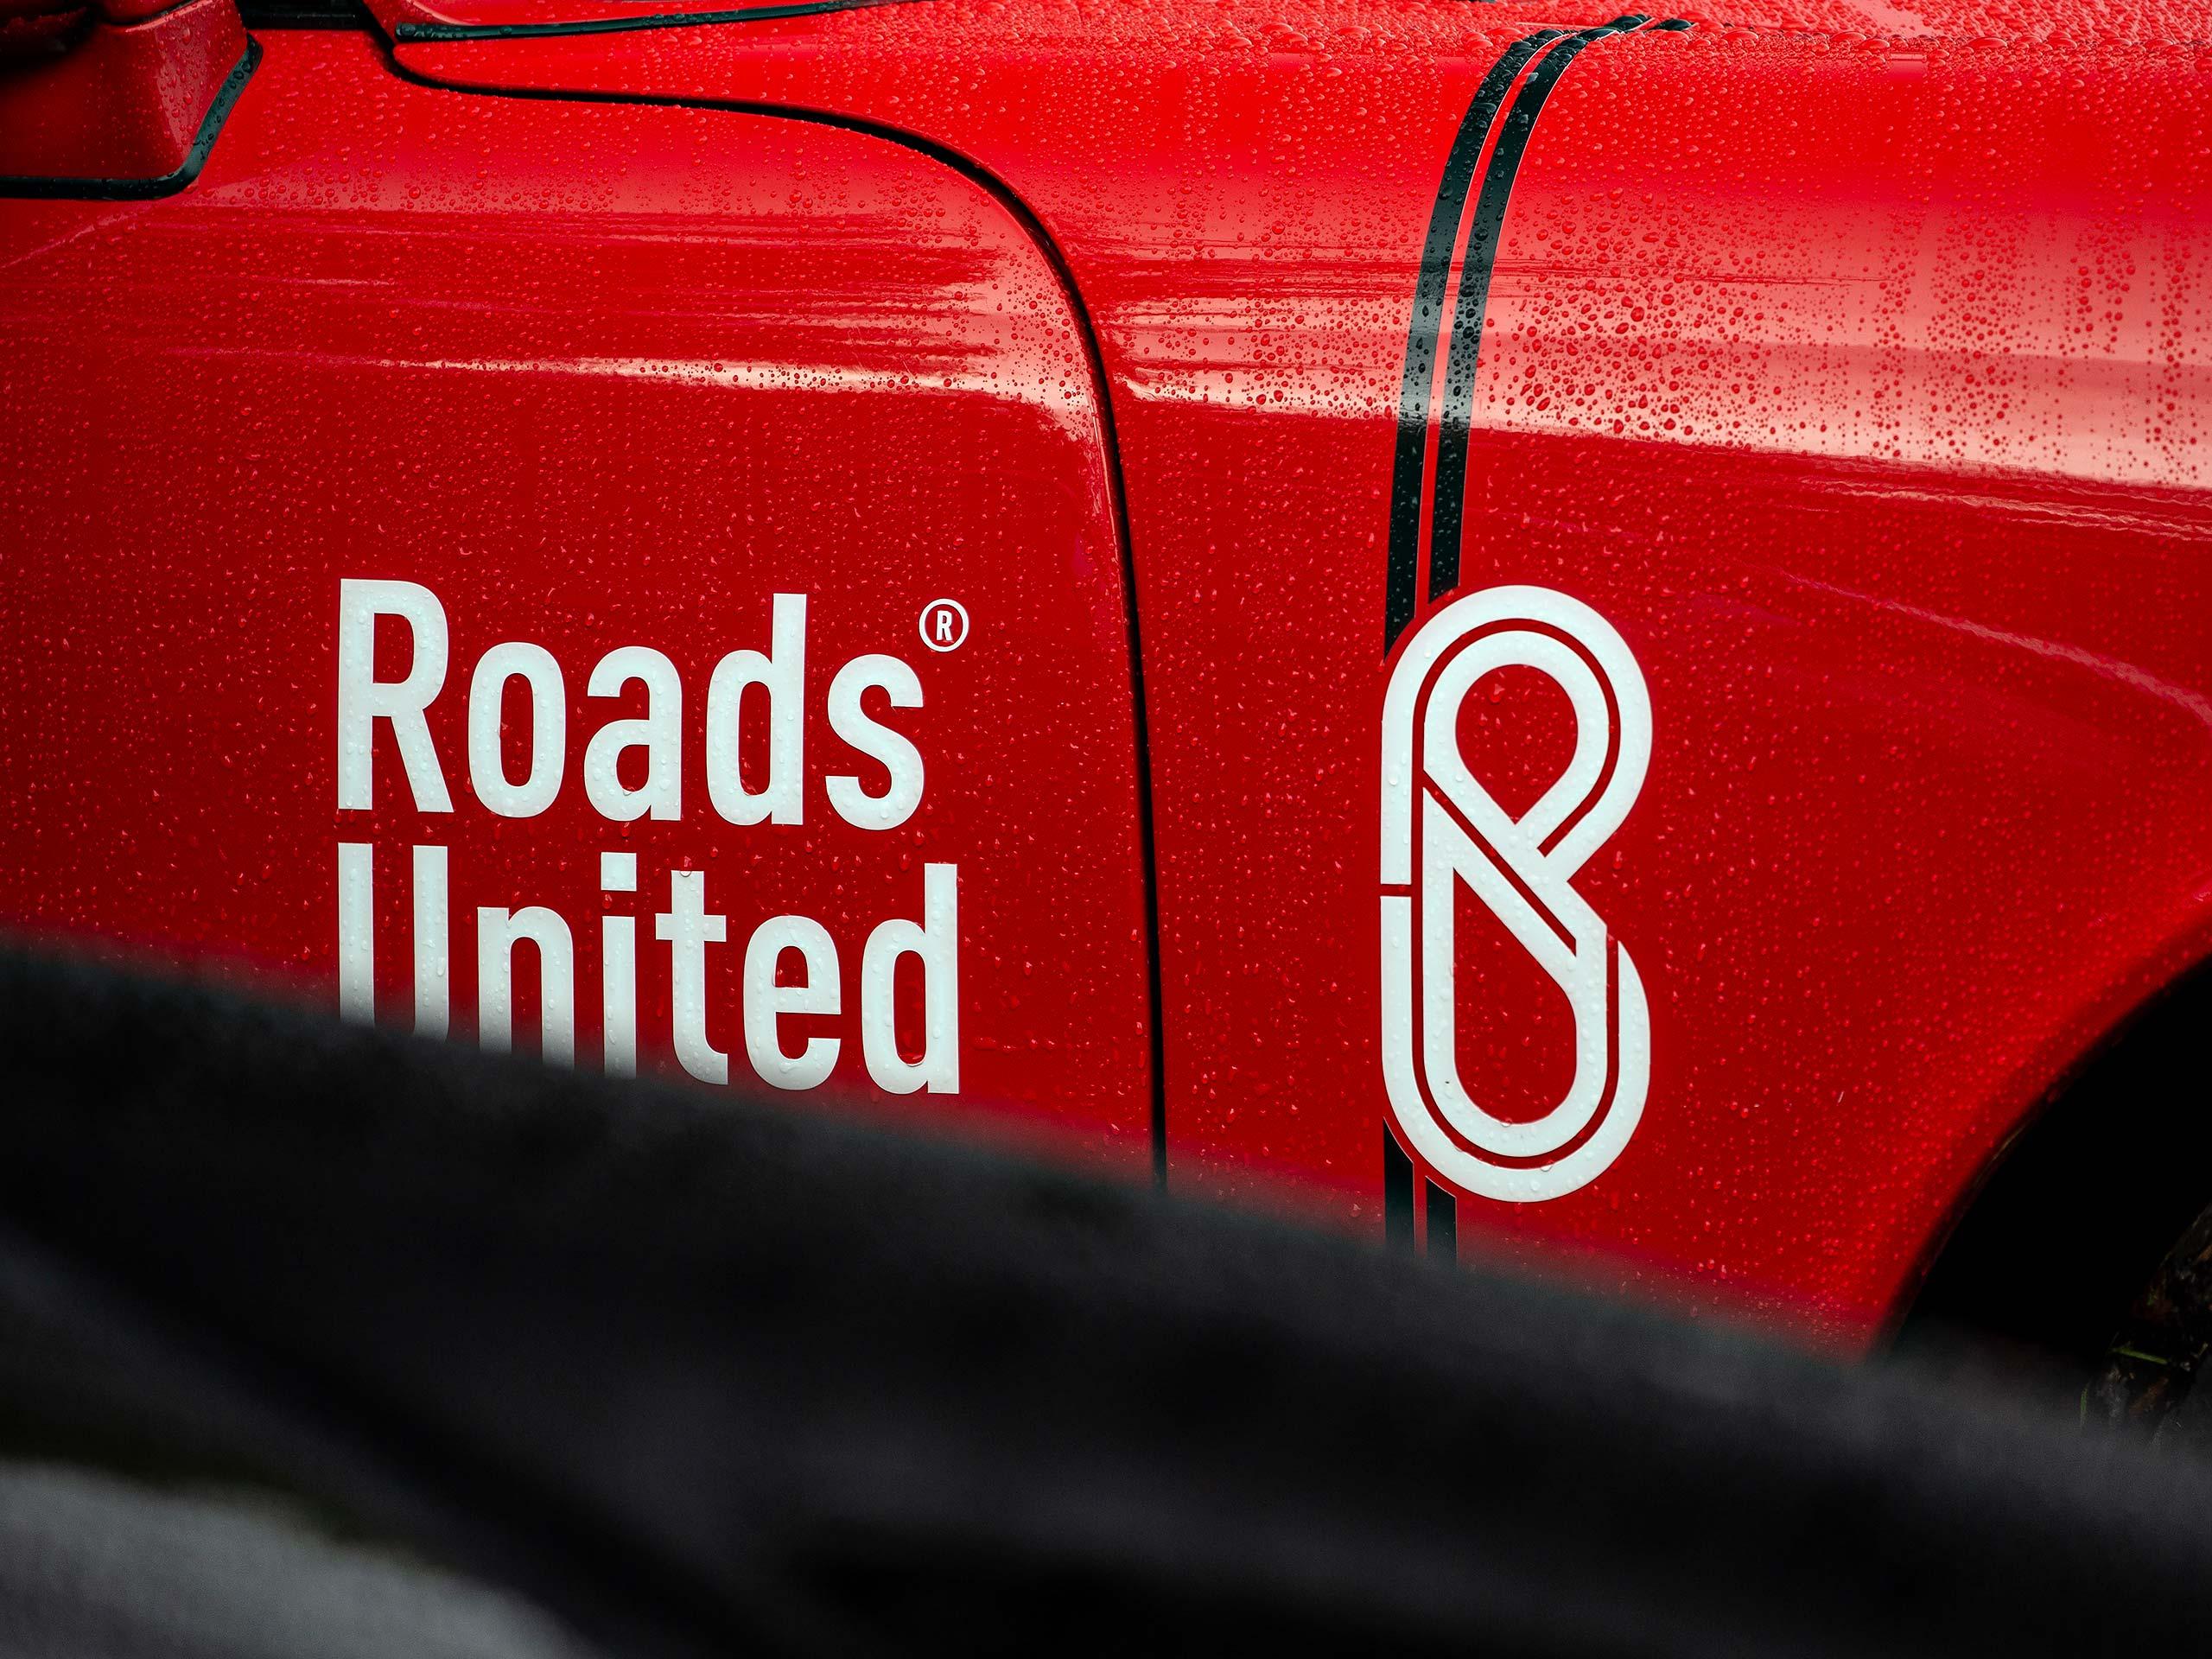 - Roads United